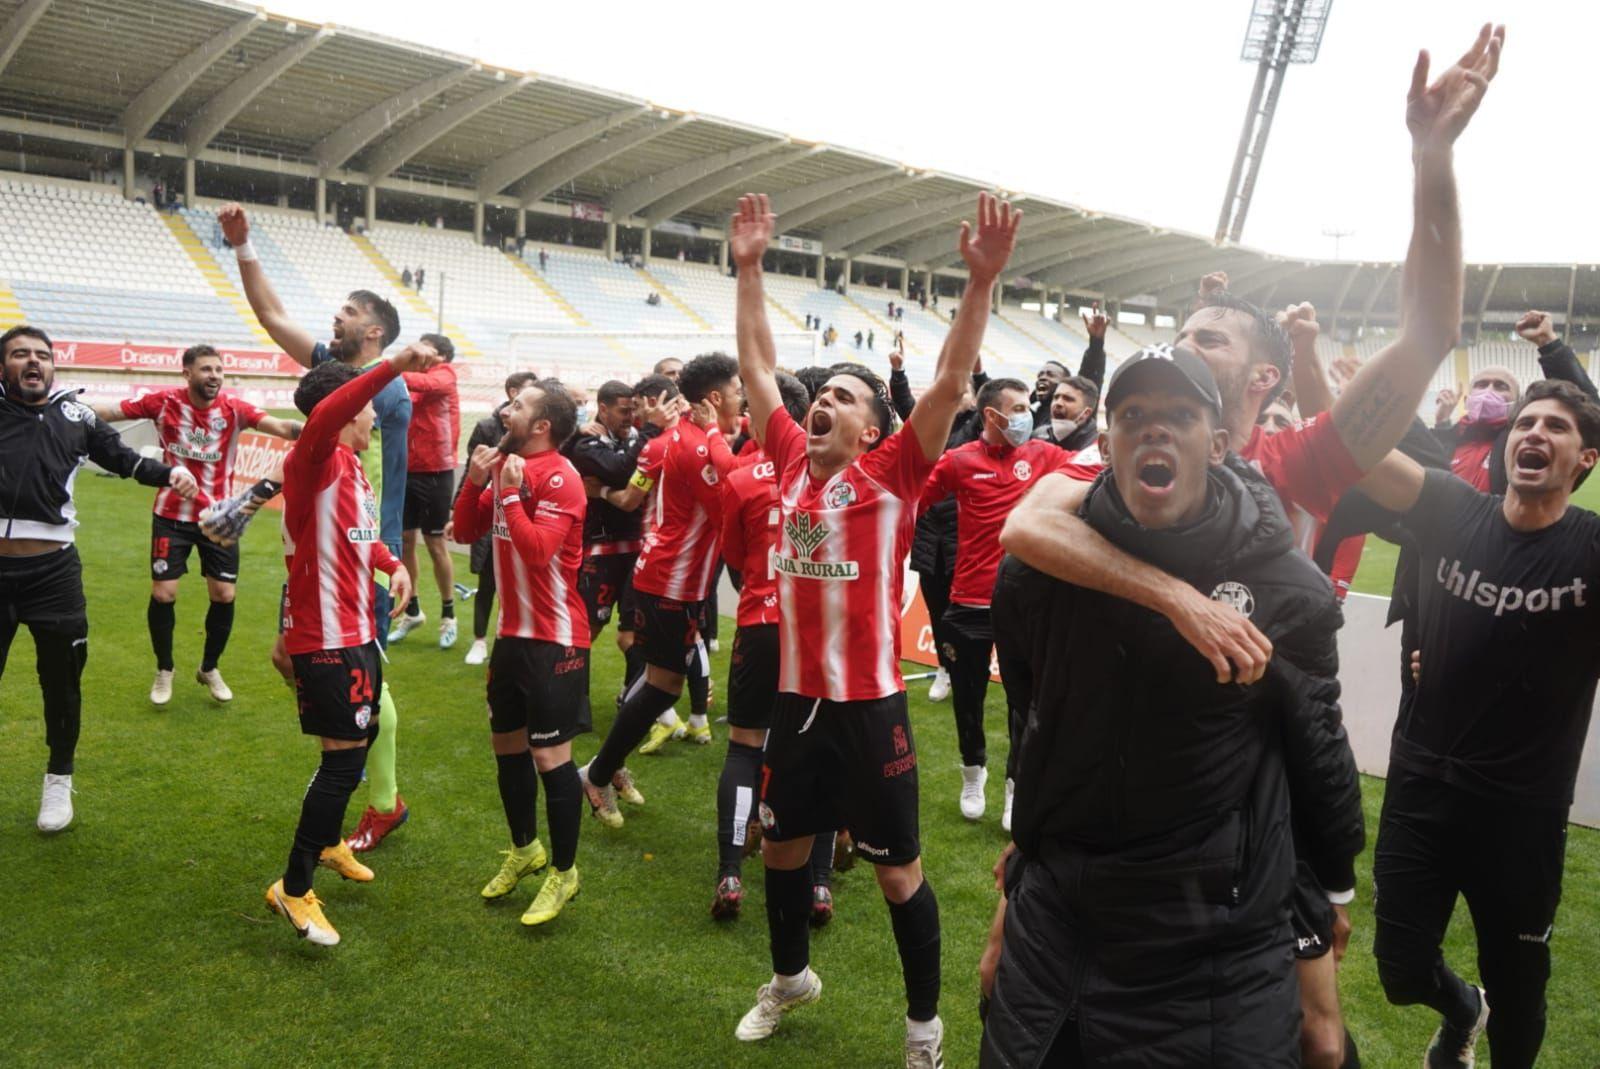 GALERÍA | Así celebra el Zamora CF su entrada en el play off de ascenso